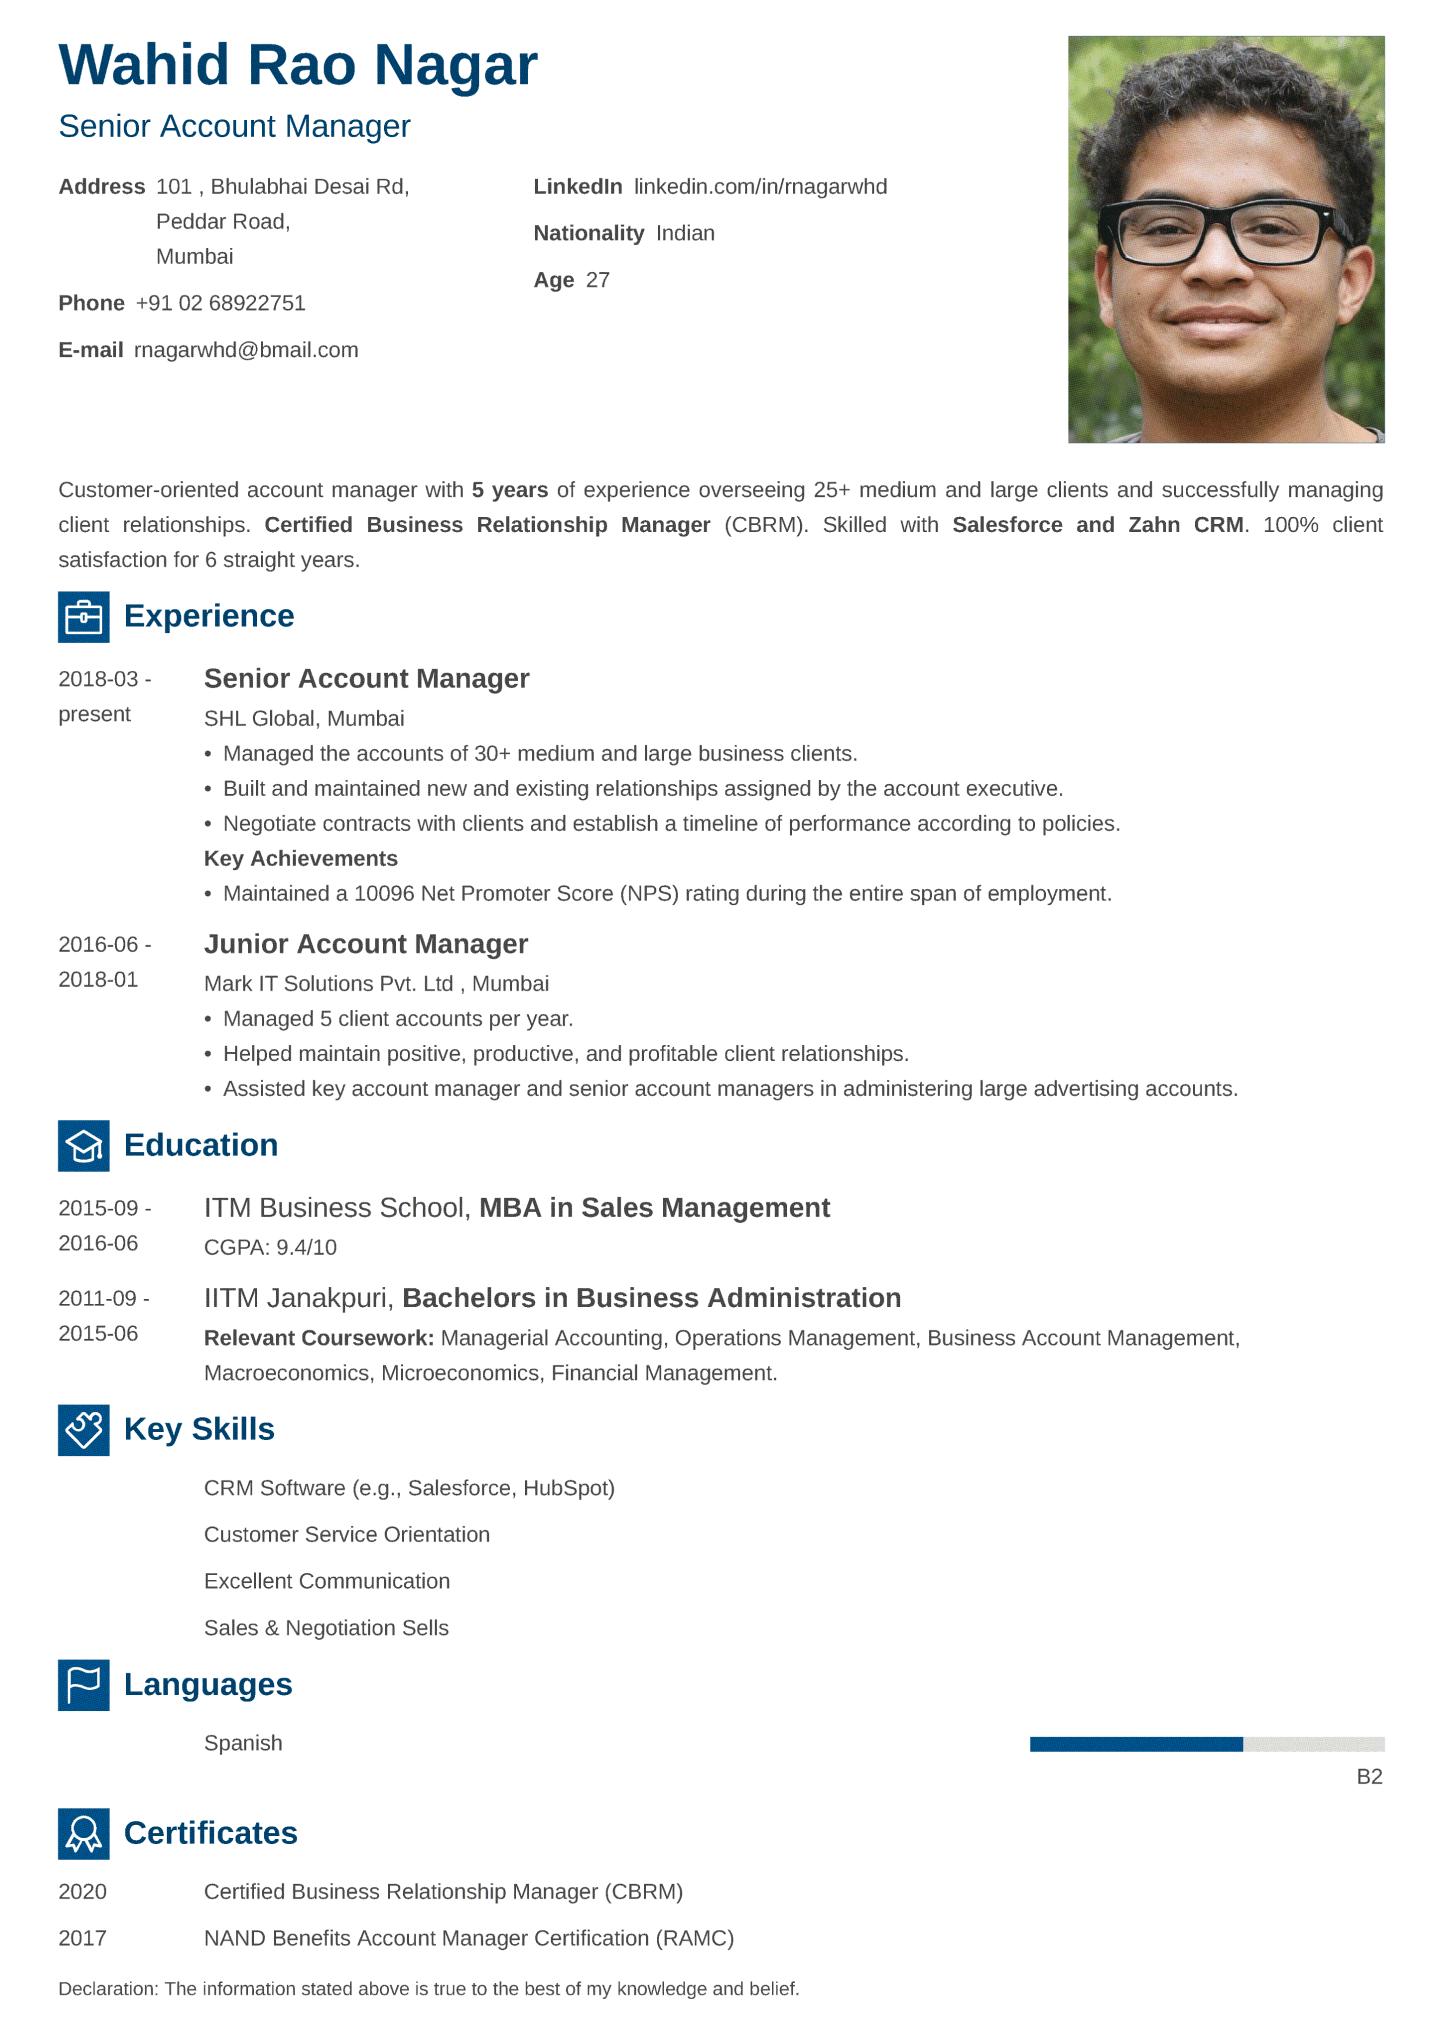 Newcast Indian CV Format made with ResumeLab CV maker